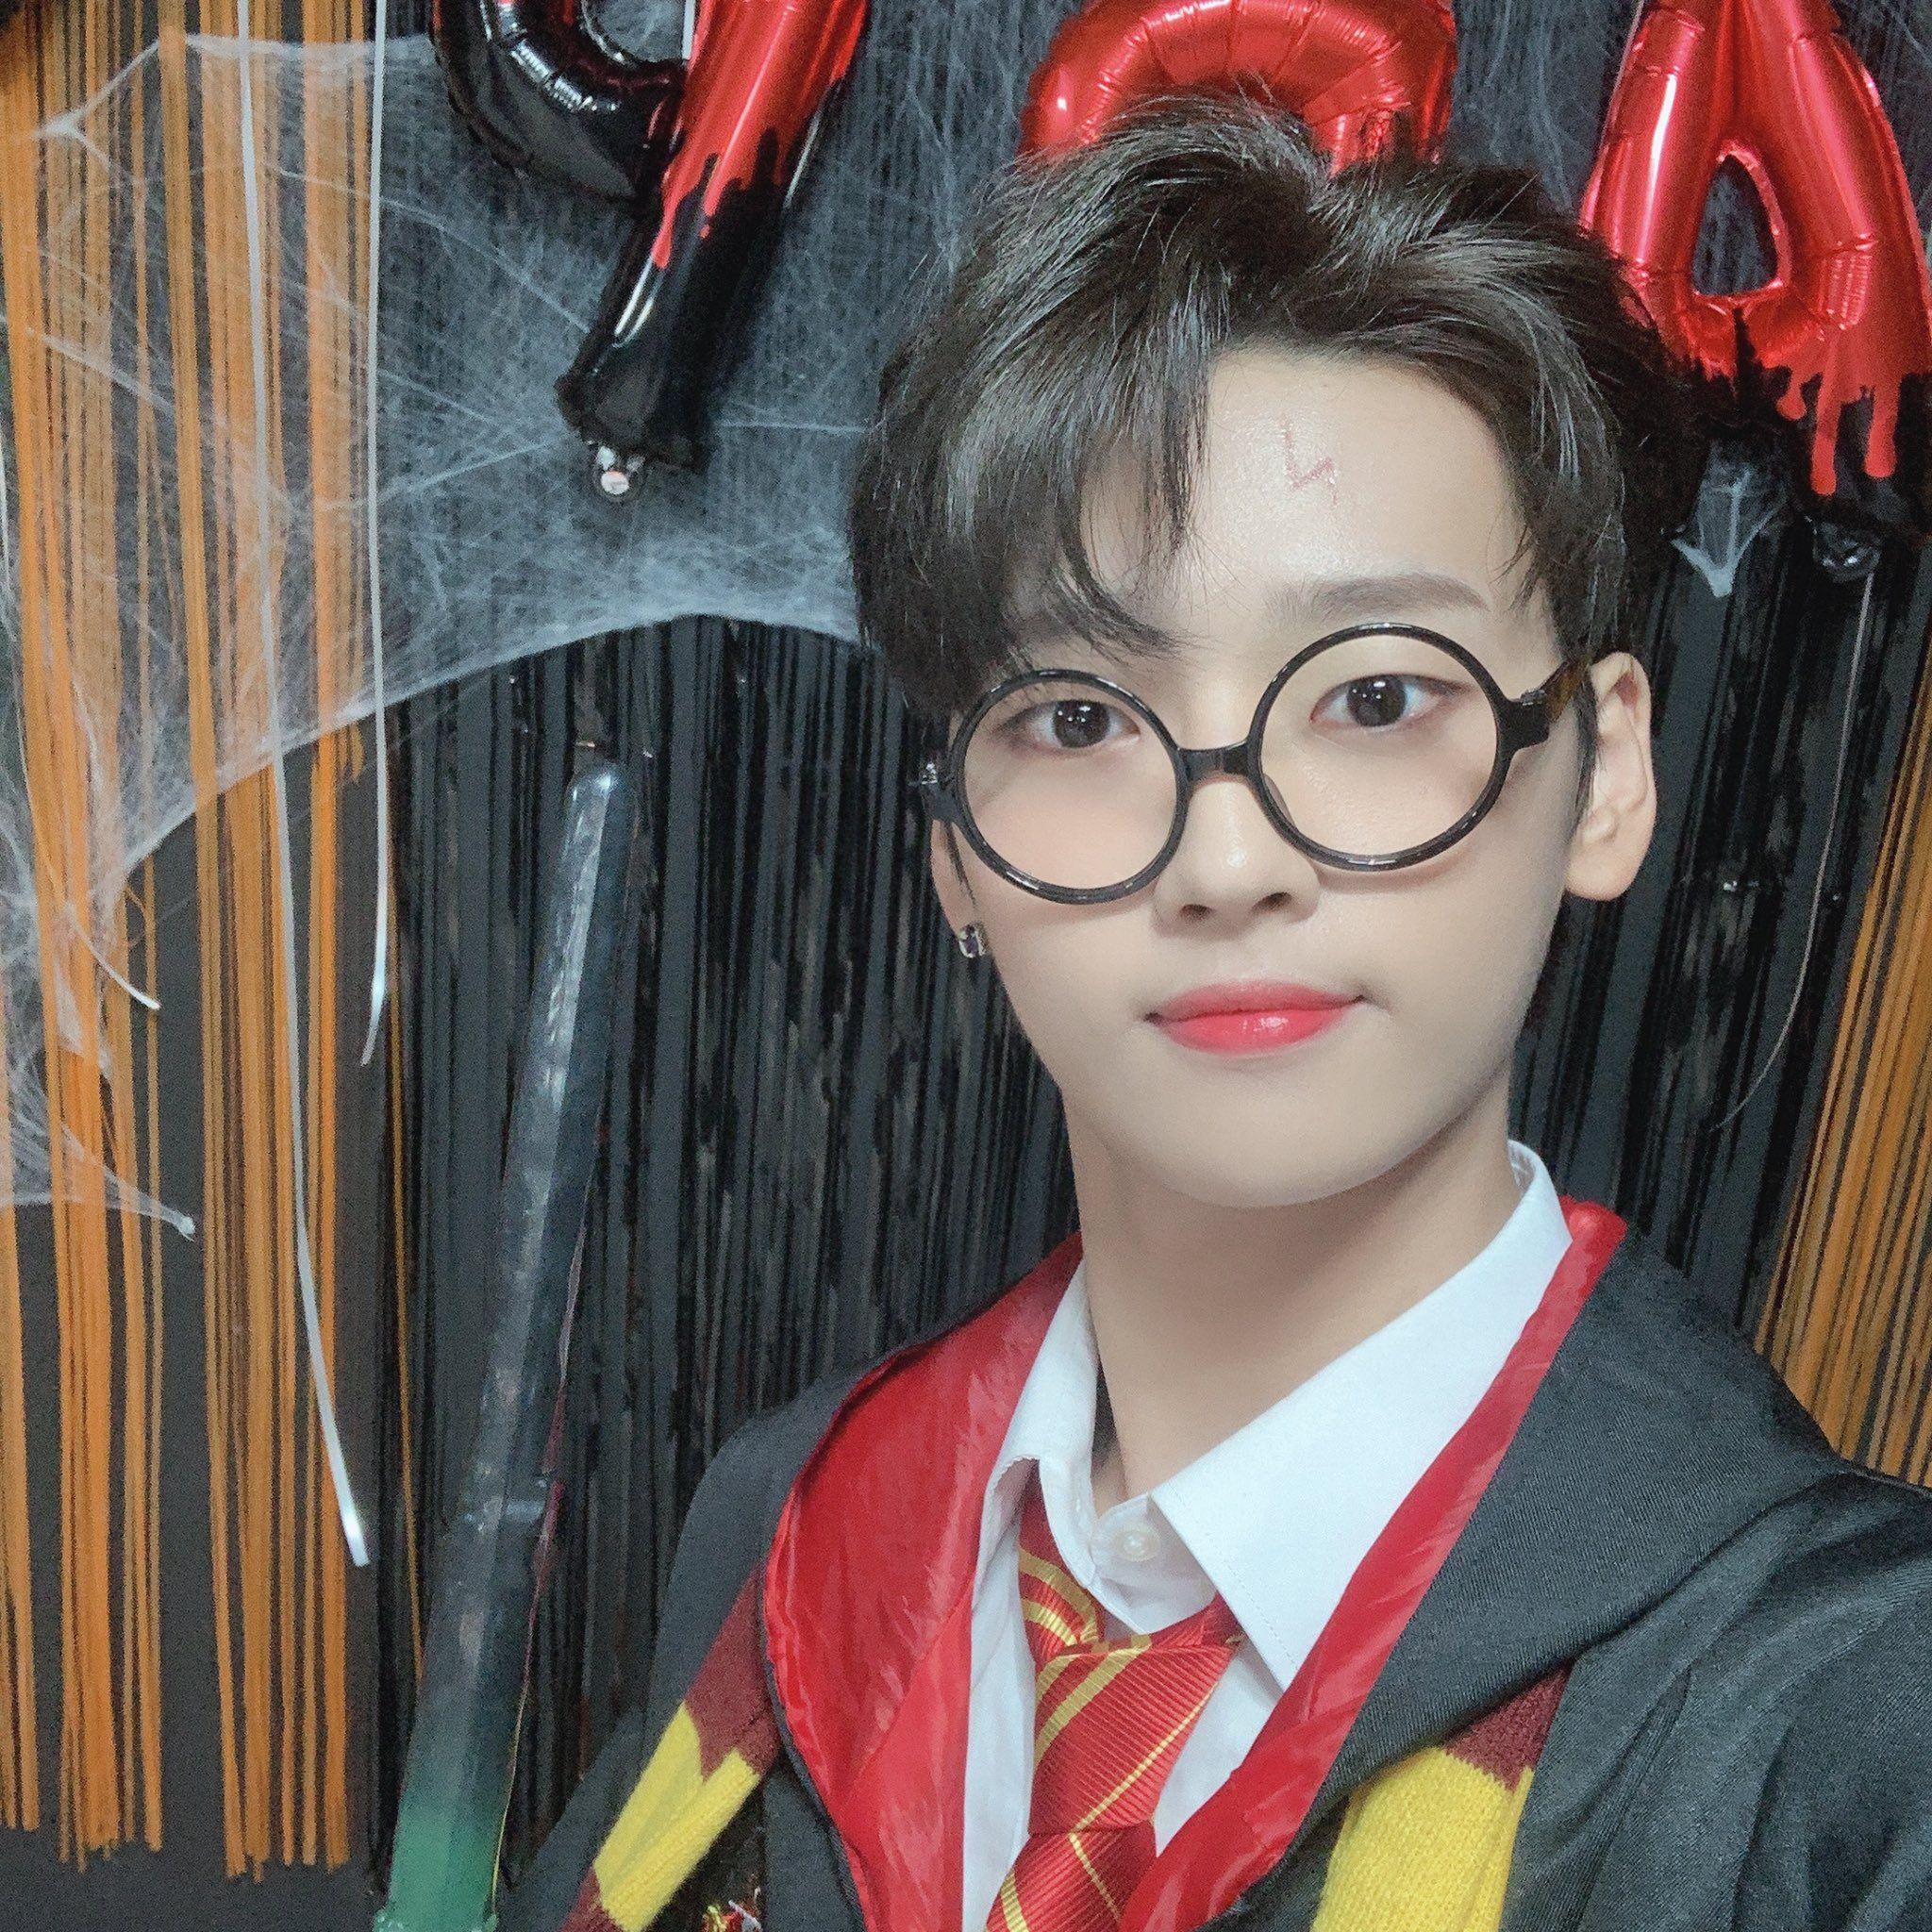 위아이 Wei On Twitter In 2020 Boy Groups Entertaining Cat Eye Glass